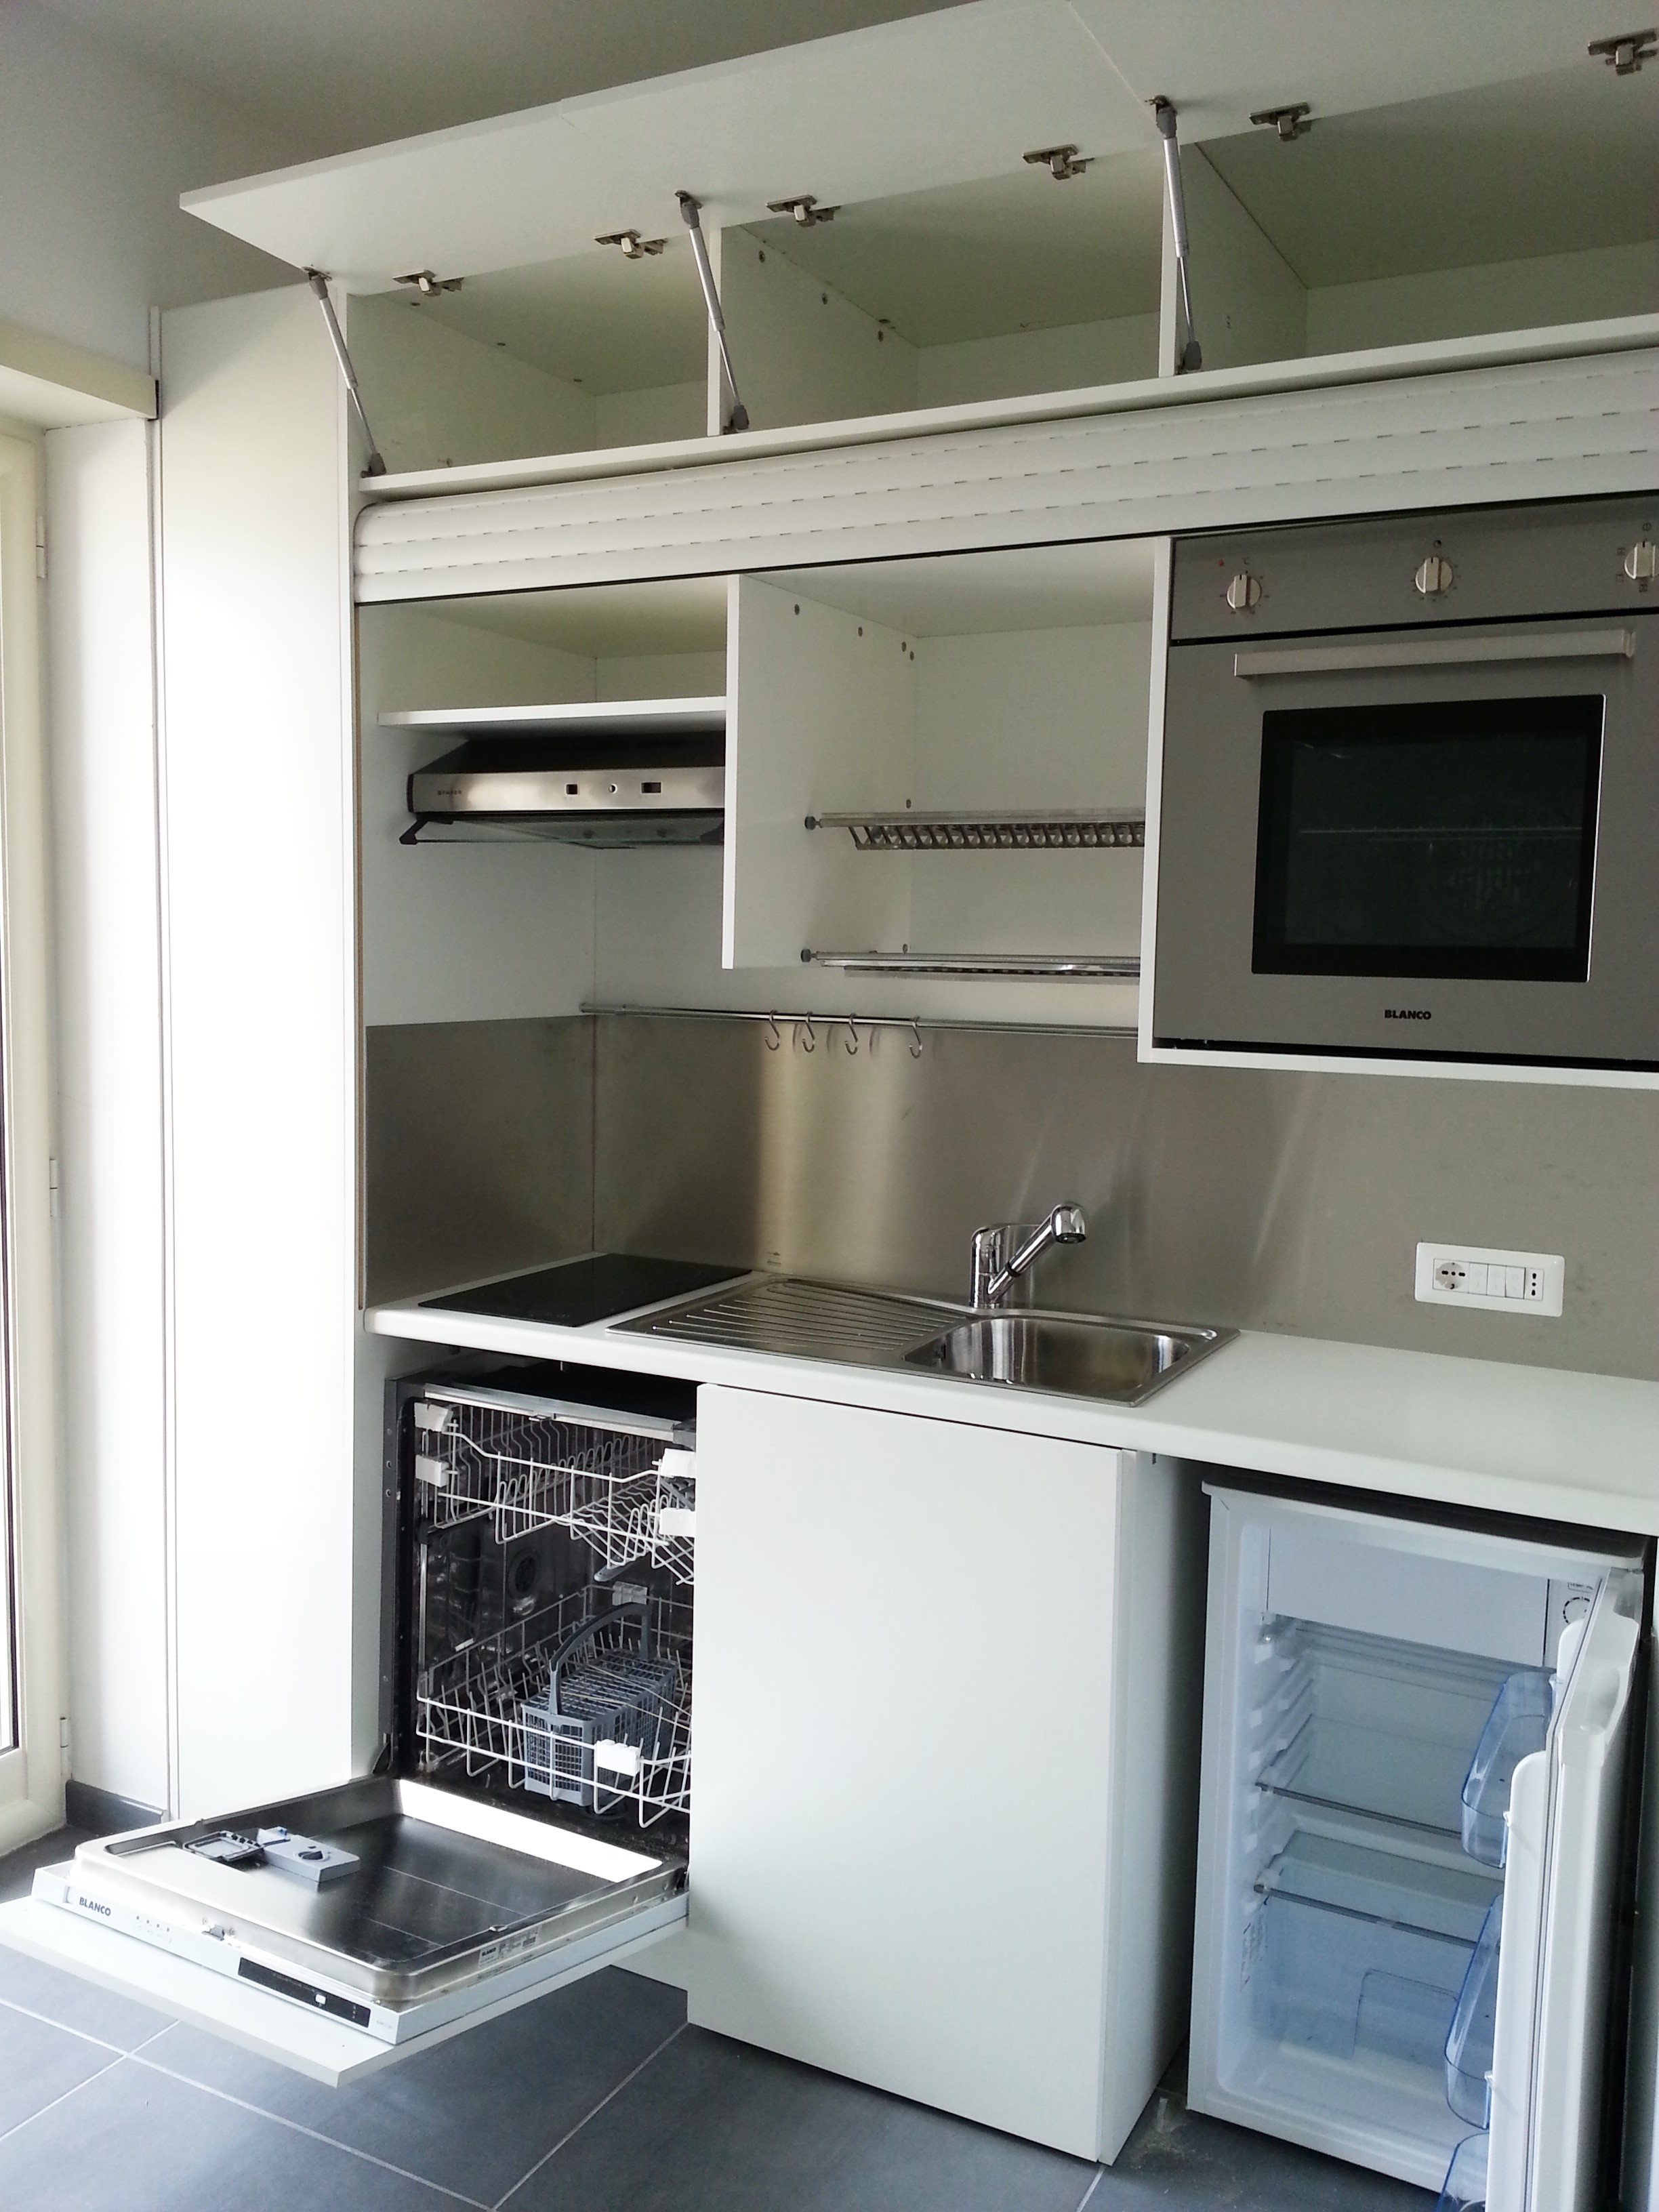 Cucina completa di tutto lavastoviglia forno in armadio for Armadio cucina